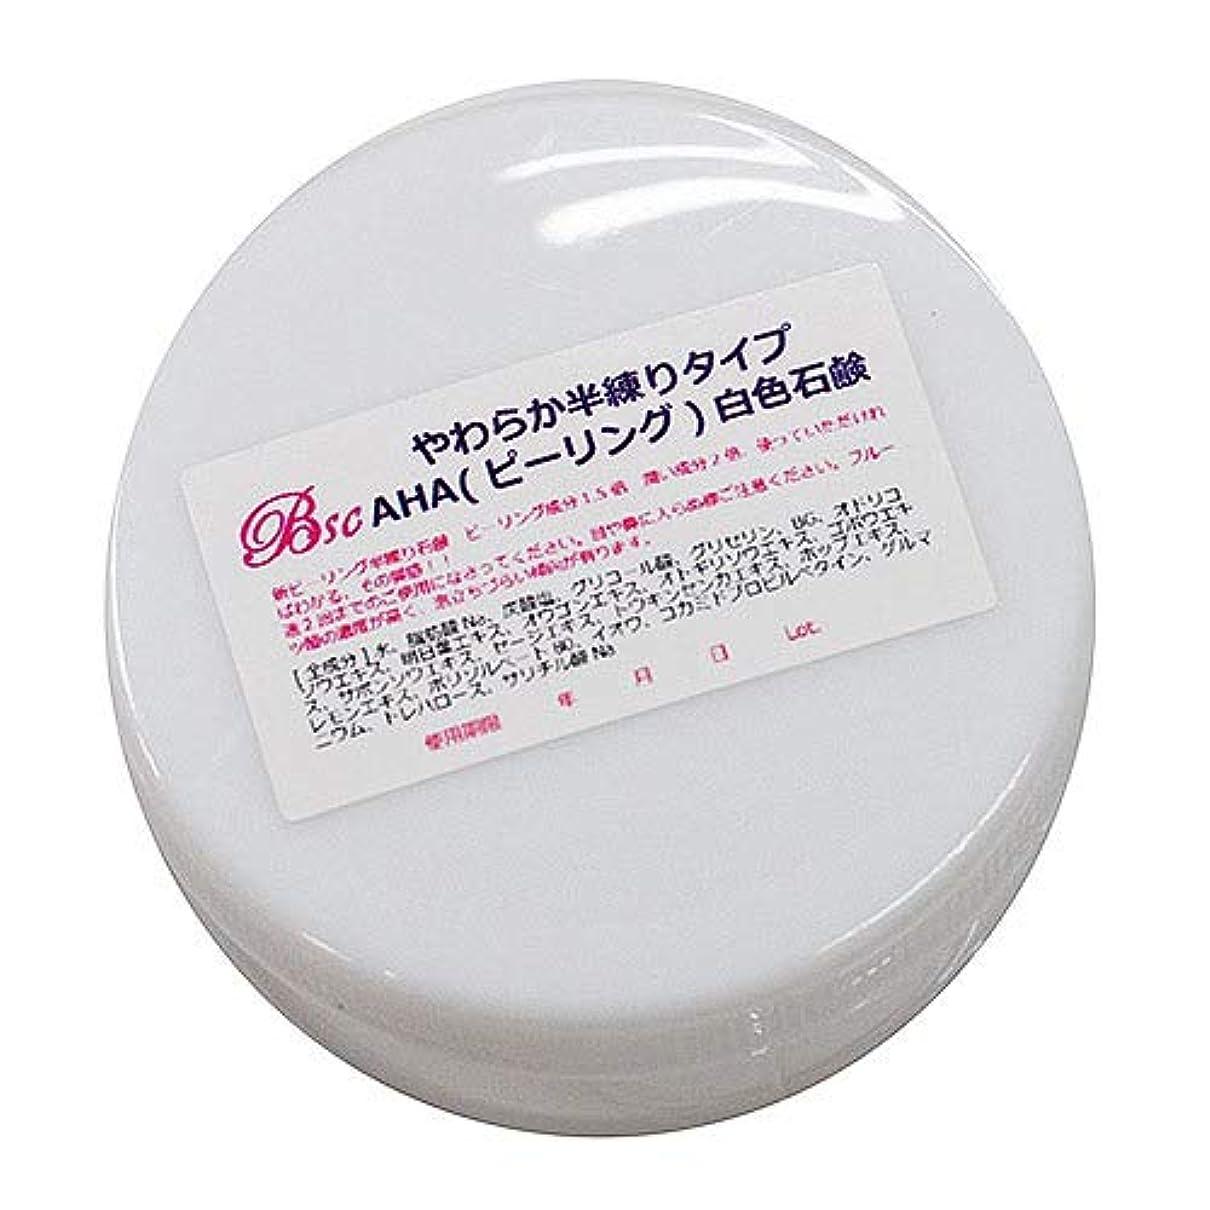 一月カイウスすずめやわらかい半練りタイプAHA(ピーリング)石鹸?100g